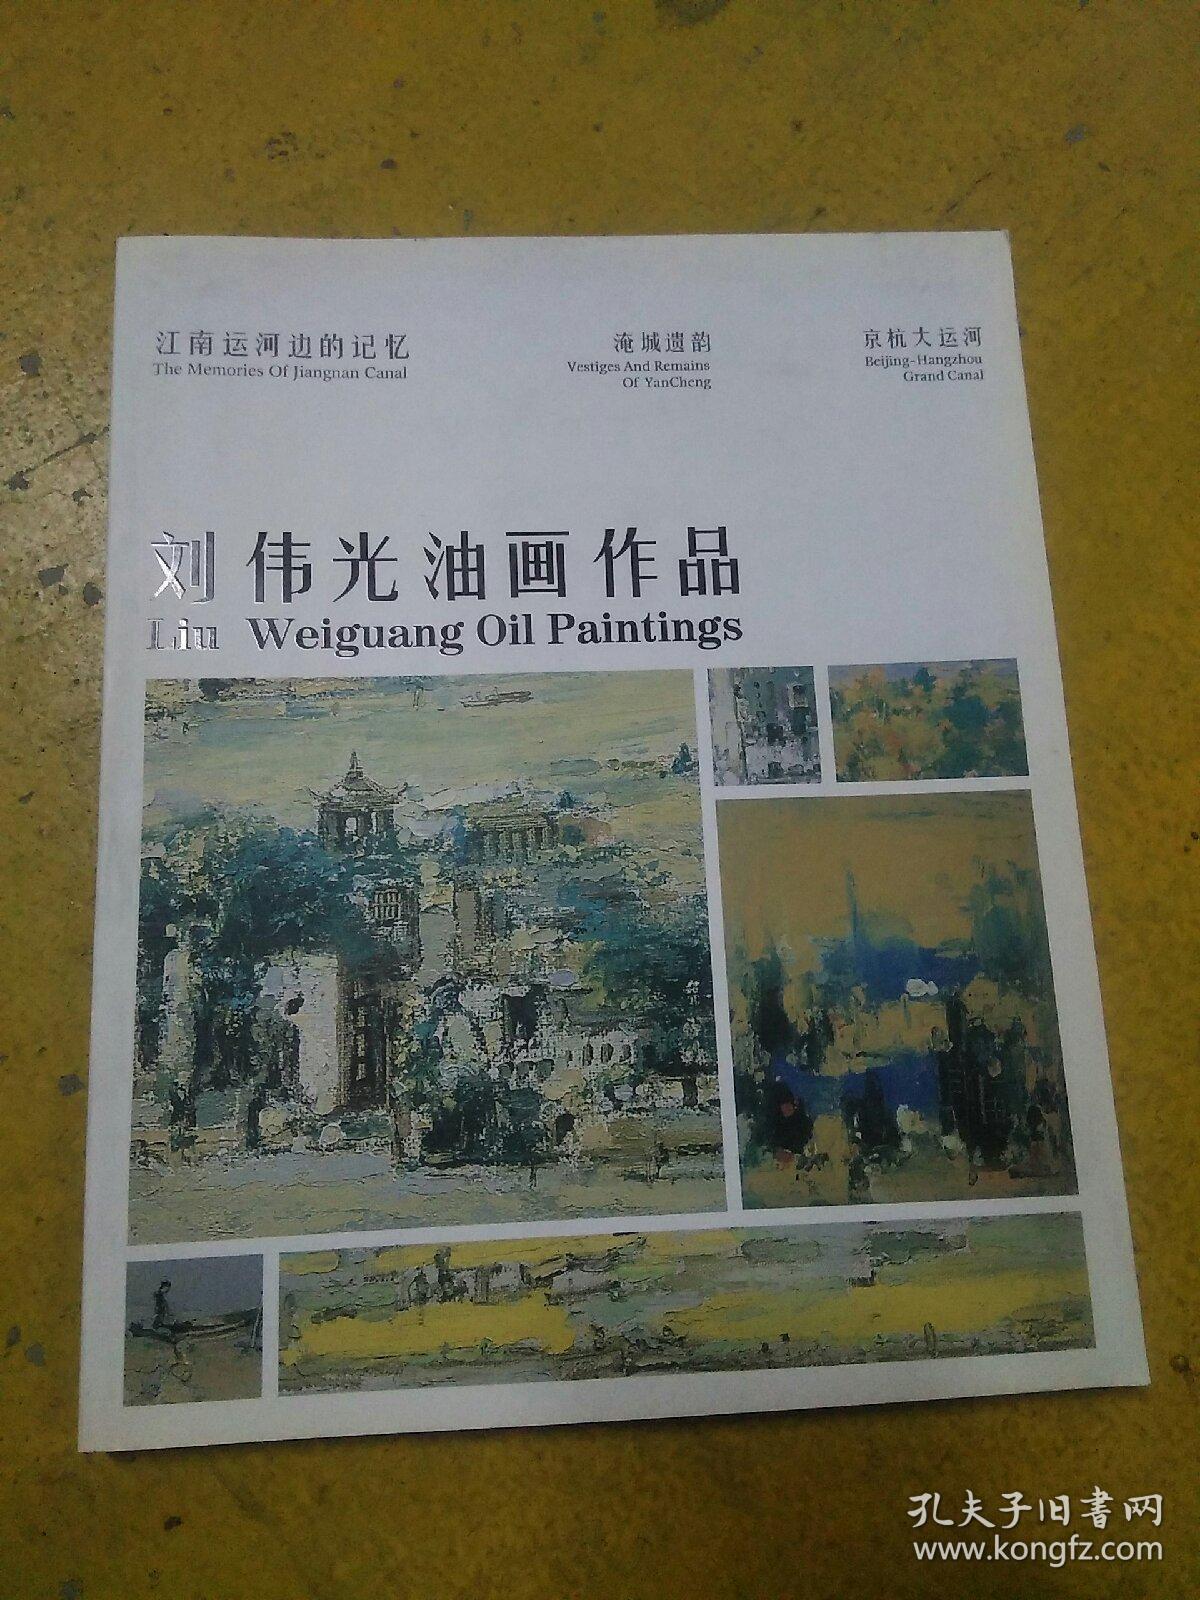 刘伟光油画作品(江南运河边的记忆.淹城遗韵 京杭大运河)铜彩画集图片